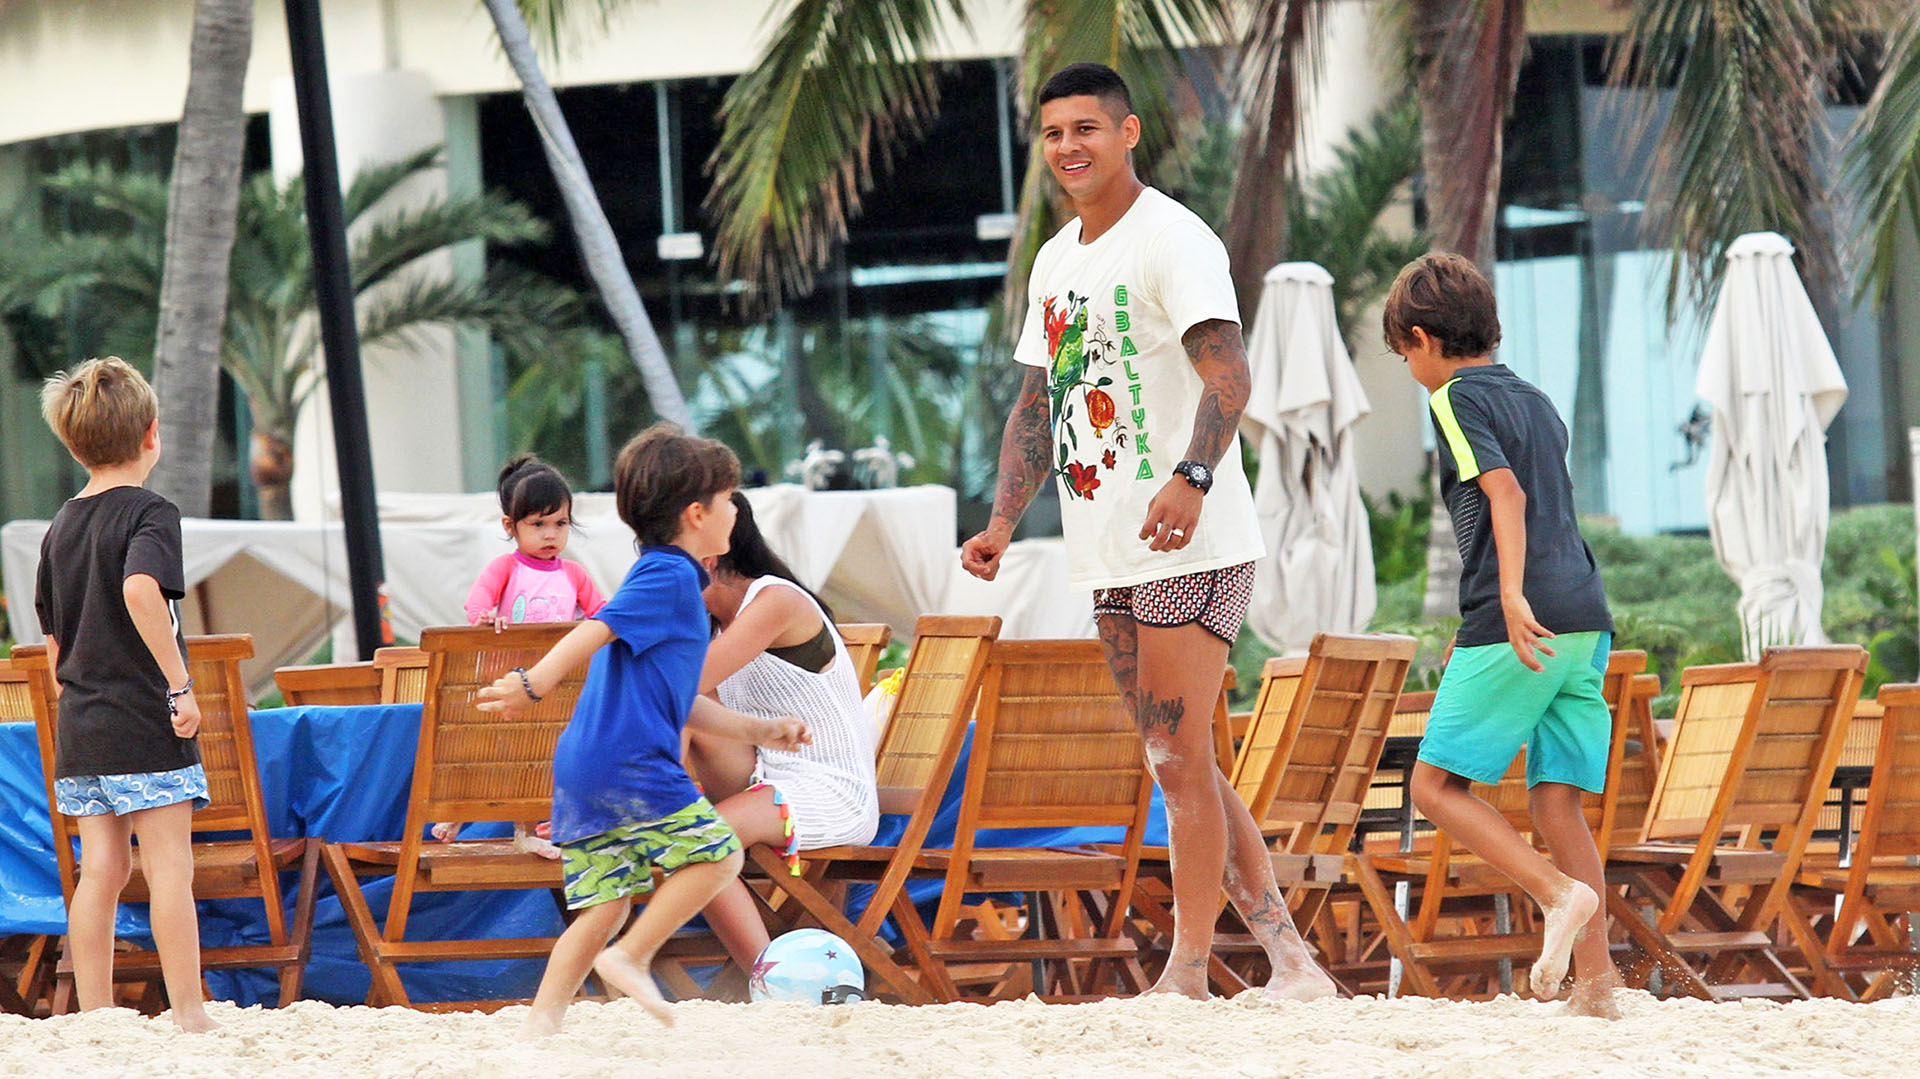 En la playa, Marcos jugó a la pelota con un grupo de chicos (Photo©2017: Splash News/ Grosby Group)